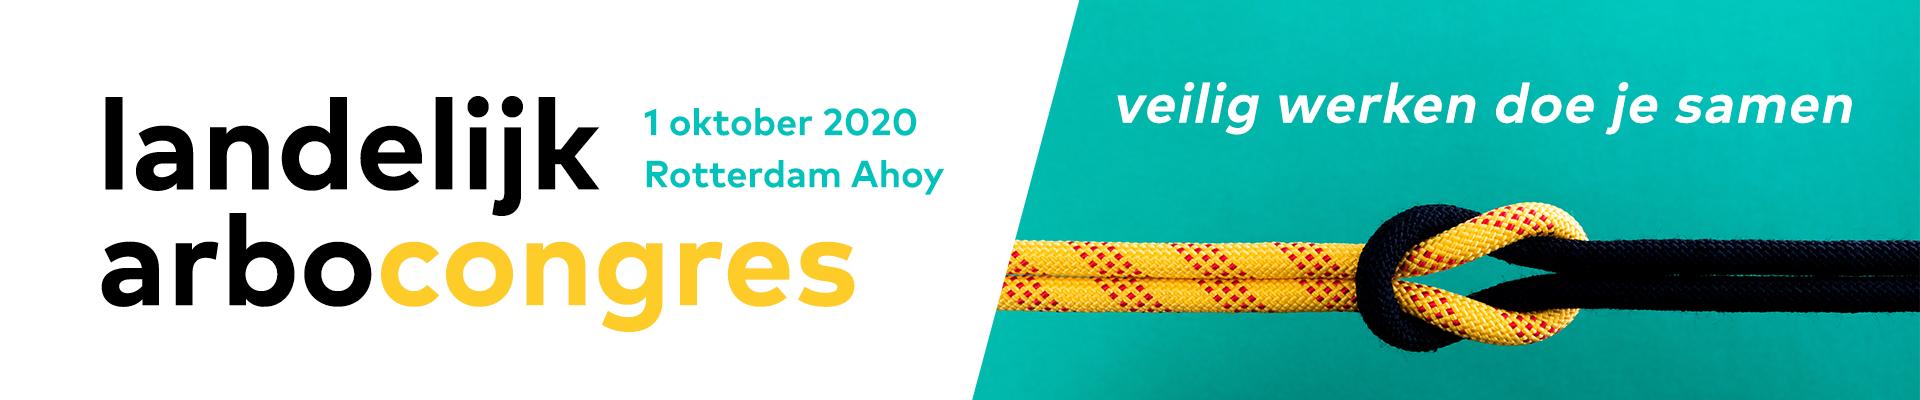 Landelijke Arbo Congres 2020